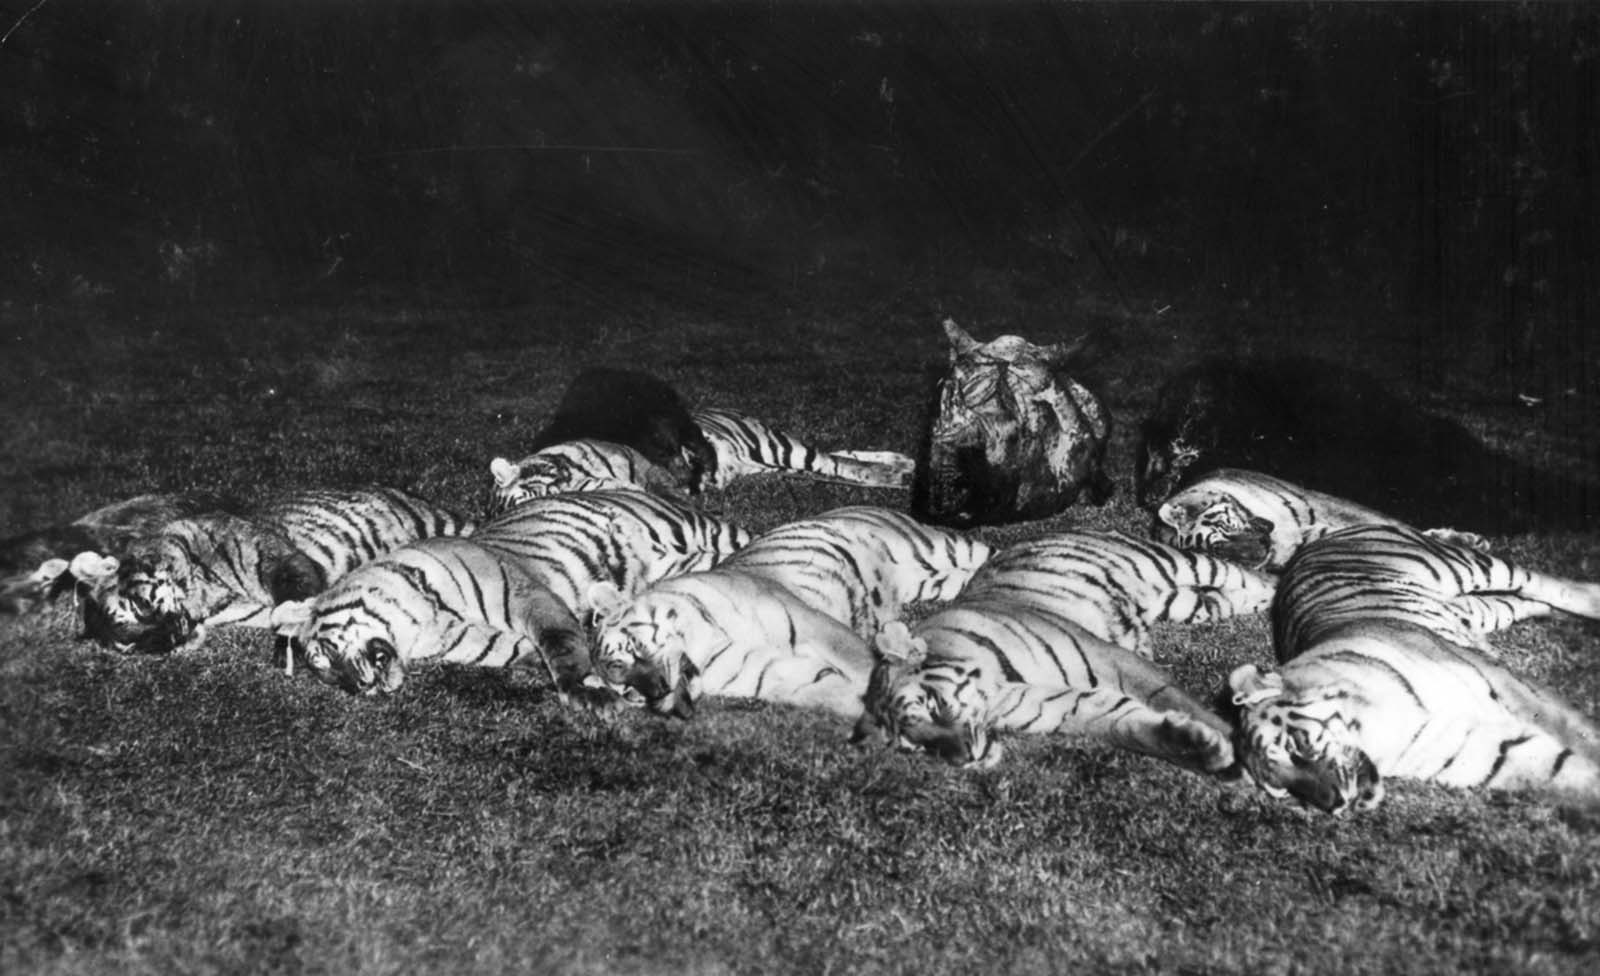 Em 1911 a realeza britânica foi à Índia para ser coroada e aproveitou para caçar 19